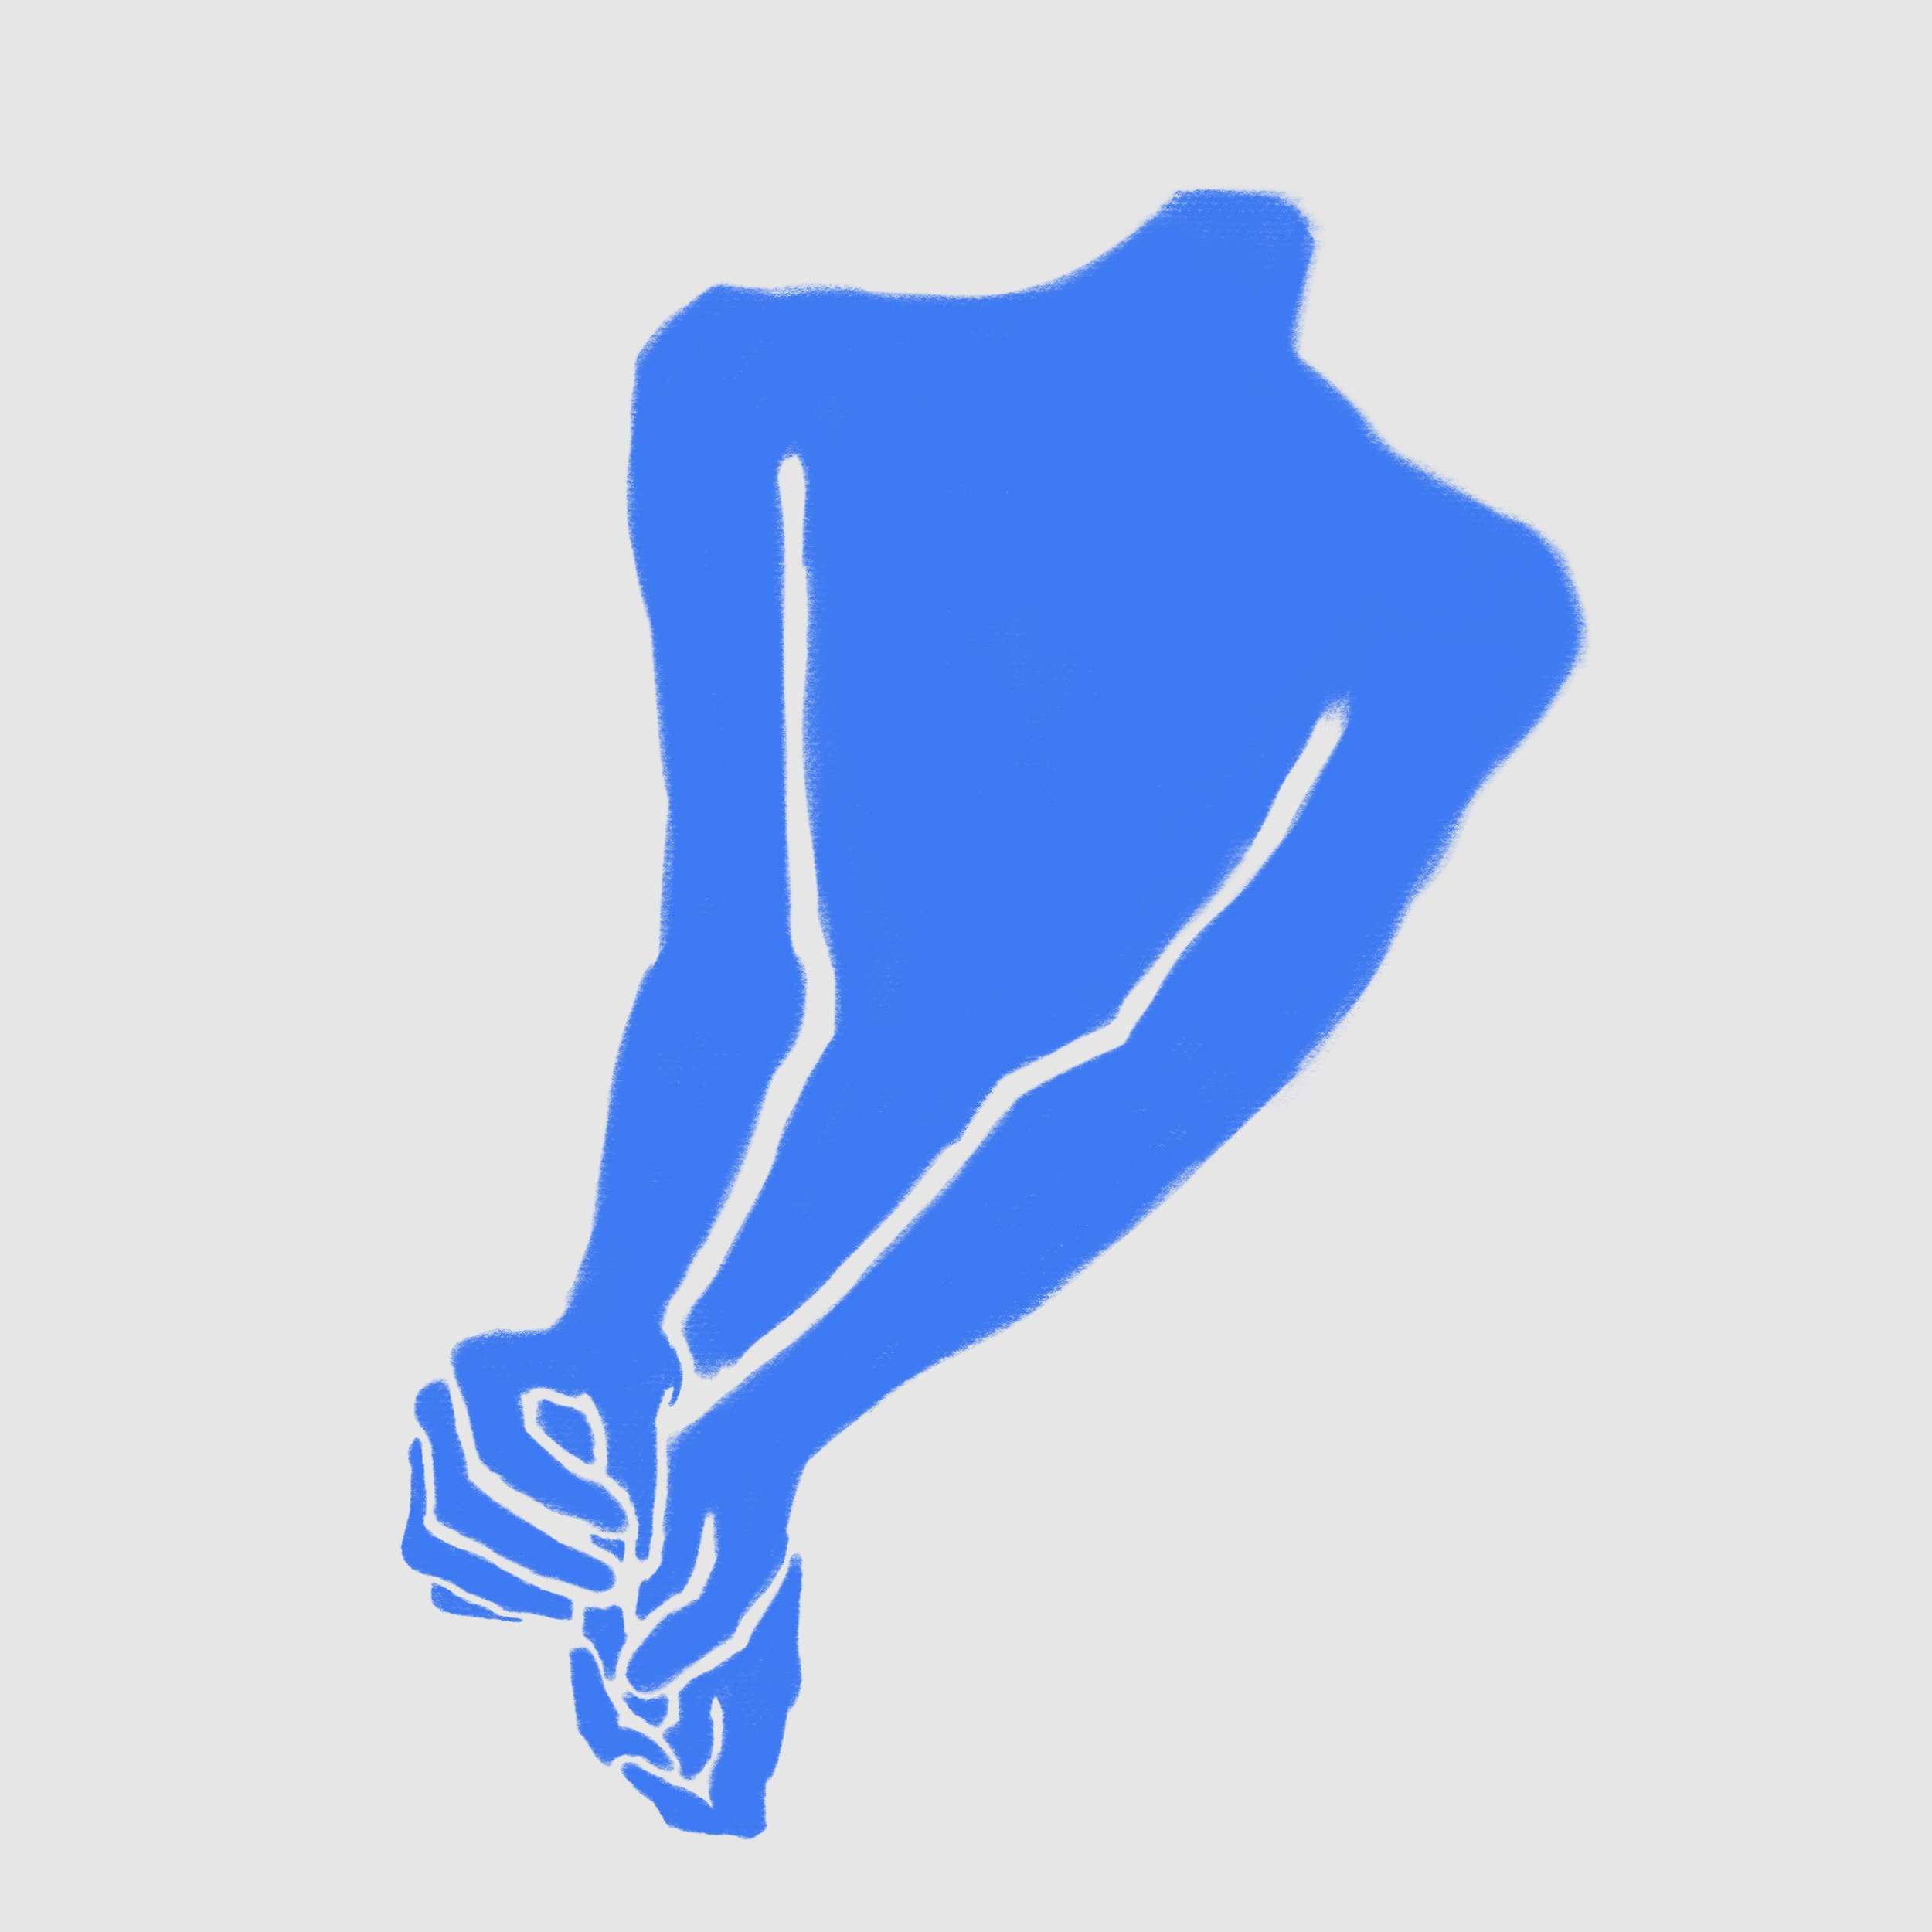 Blue Hands